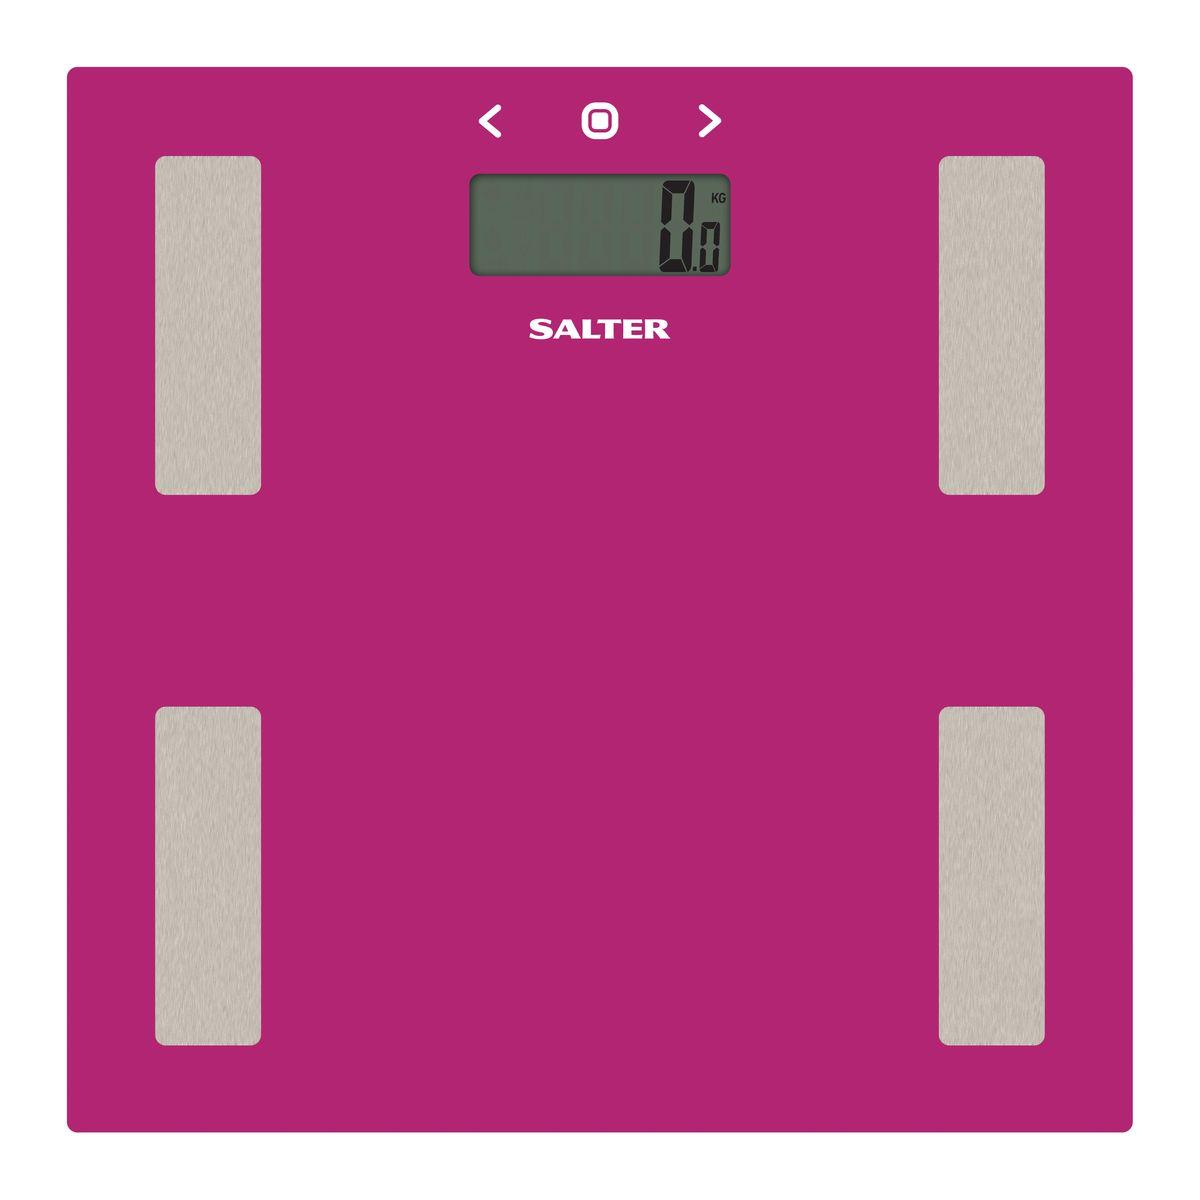 Salter 9150 PK3R напольные весы9150 PK3RДиагностические напольные весы Salter 9150 PK3R. Интеллектуальная шкала для точного мониторинга прогресса в весе для тех, кто тренируется. Сверхтонкая платформа - гладкий современный дизайн, тонкий корпус для удобного хранения. Быстрое измерение. Стильный цвет для поддержания дизайна интерьера вашей ванной комнаты. Специальные ножки для ковра в комплекте, чтобы точно измерять вес на ковре или других неровных поверхностях.